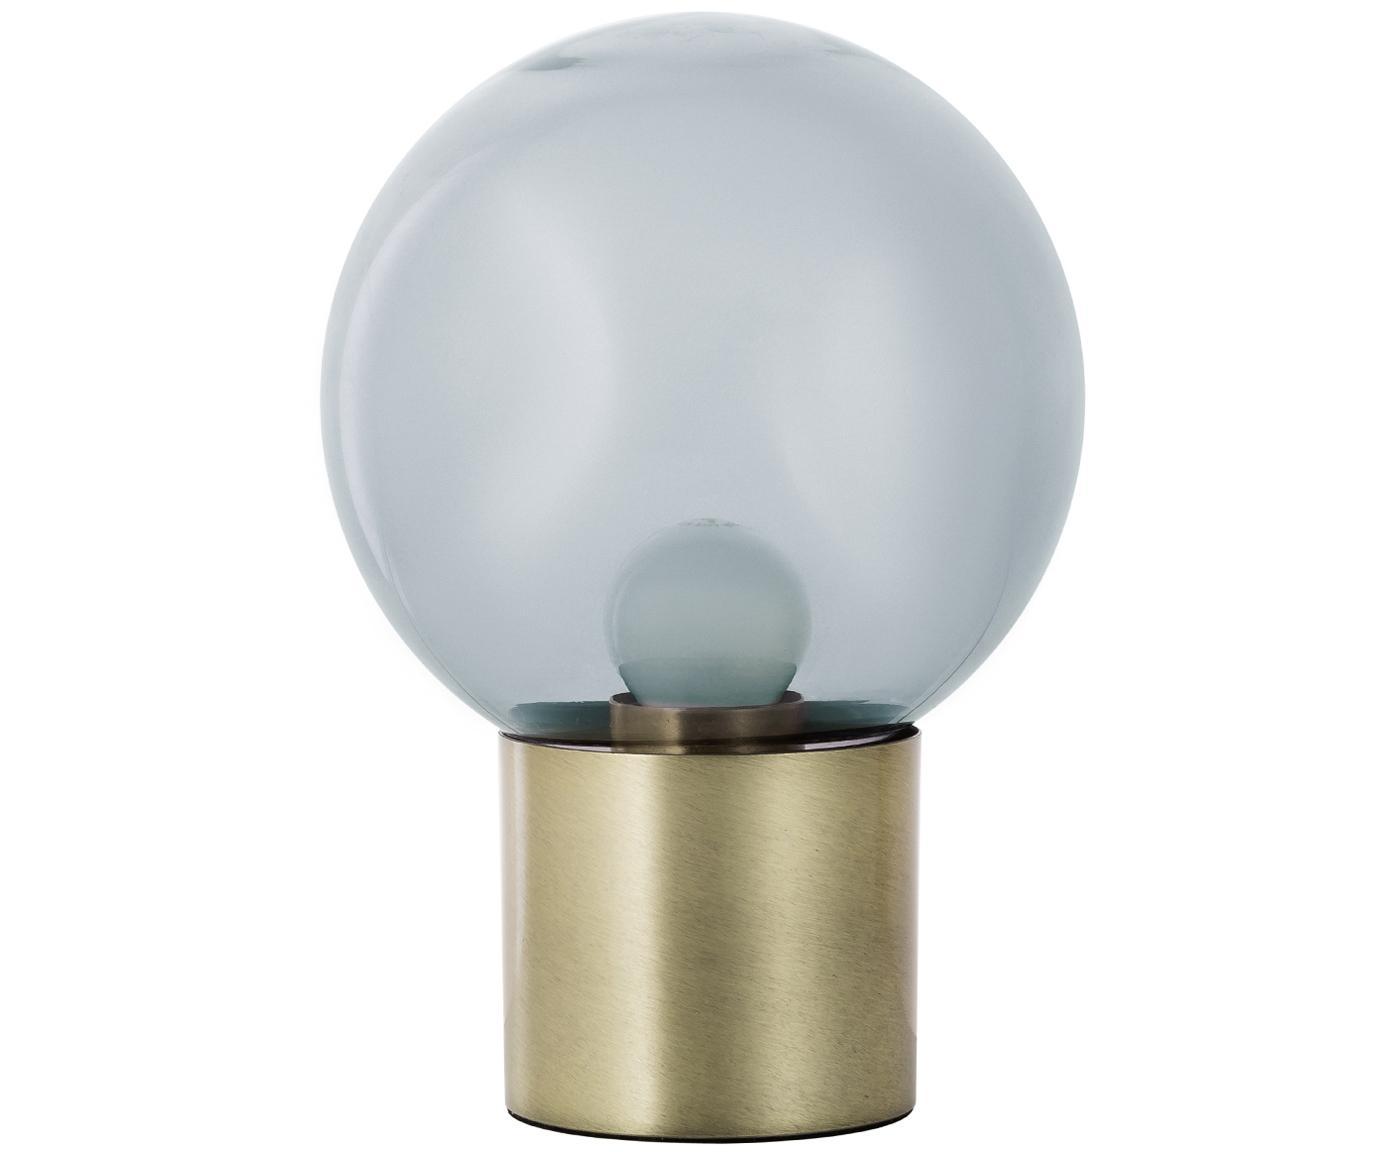 Lámpara de mesa Lark, Pantalla: vidrio, Base de la lámpara: metal, cepillado, Cable: cubierto en tela, Pantalla: gris, transparente Base de la lámpara: latón, mate, ∅ 17 x Al 24 cm